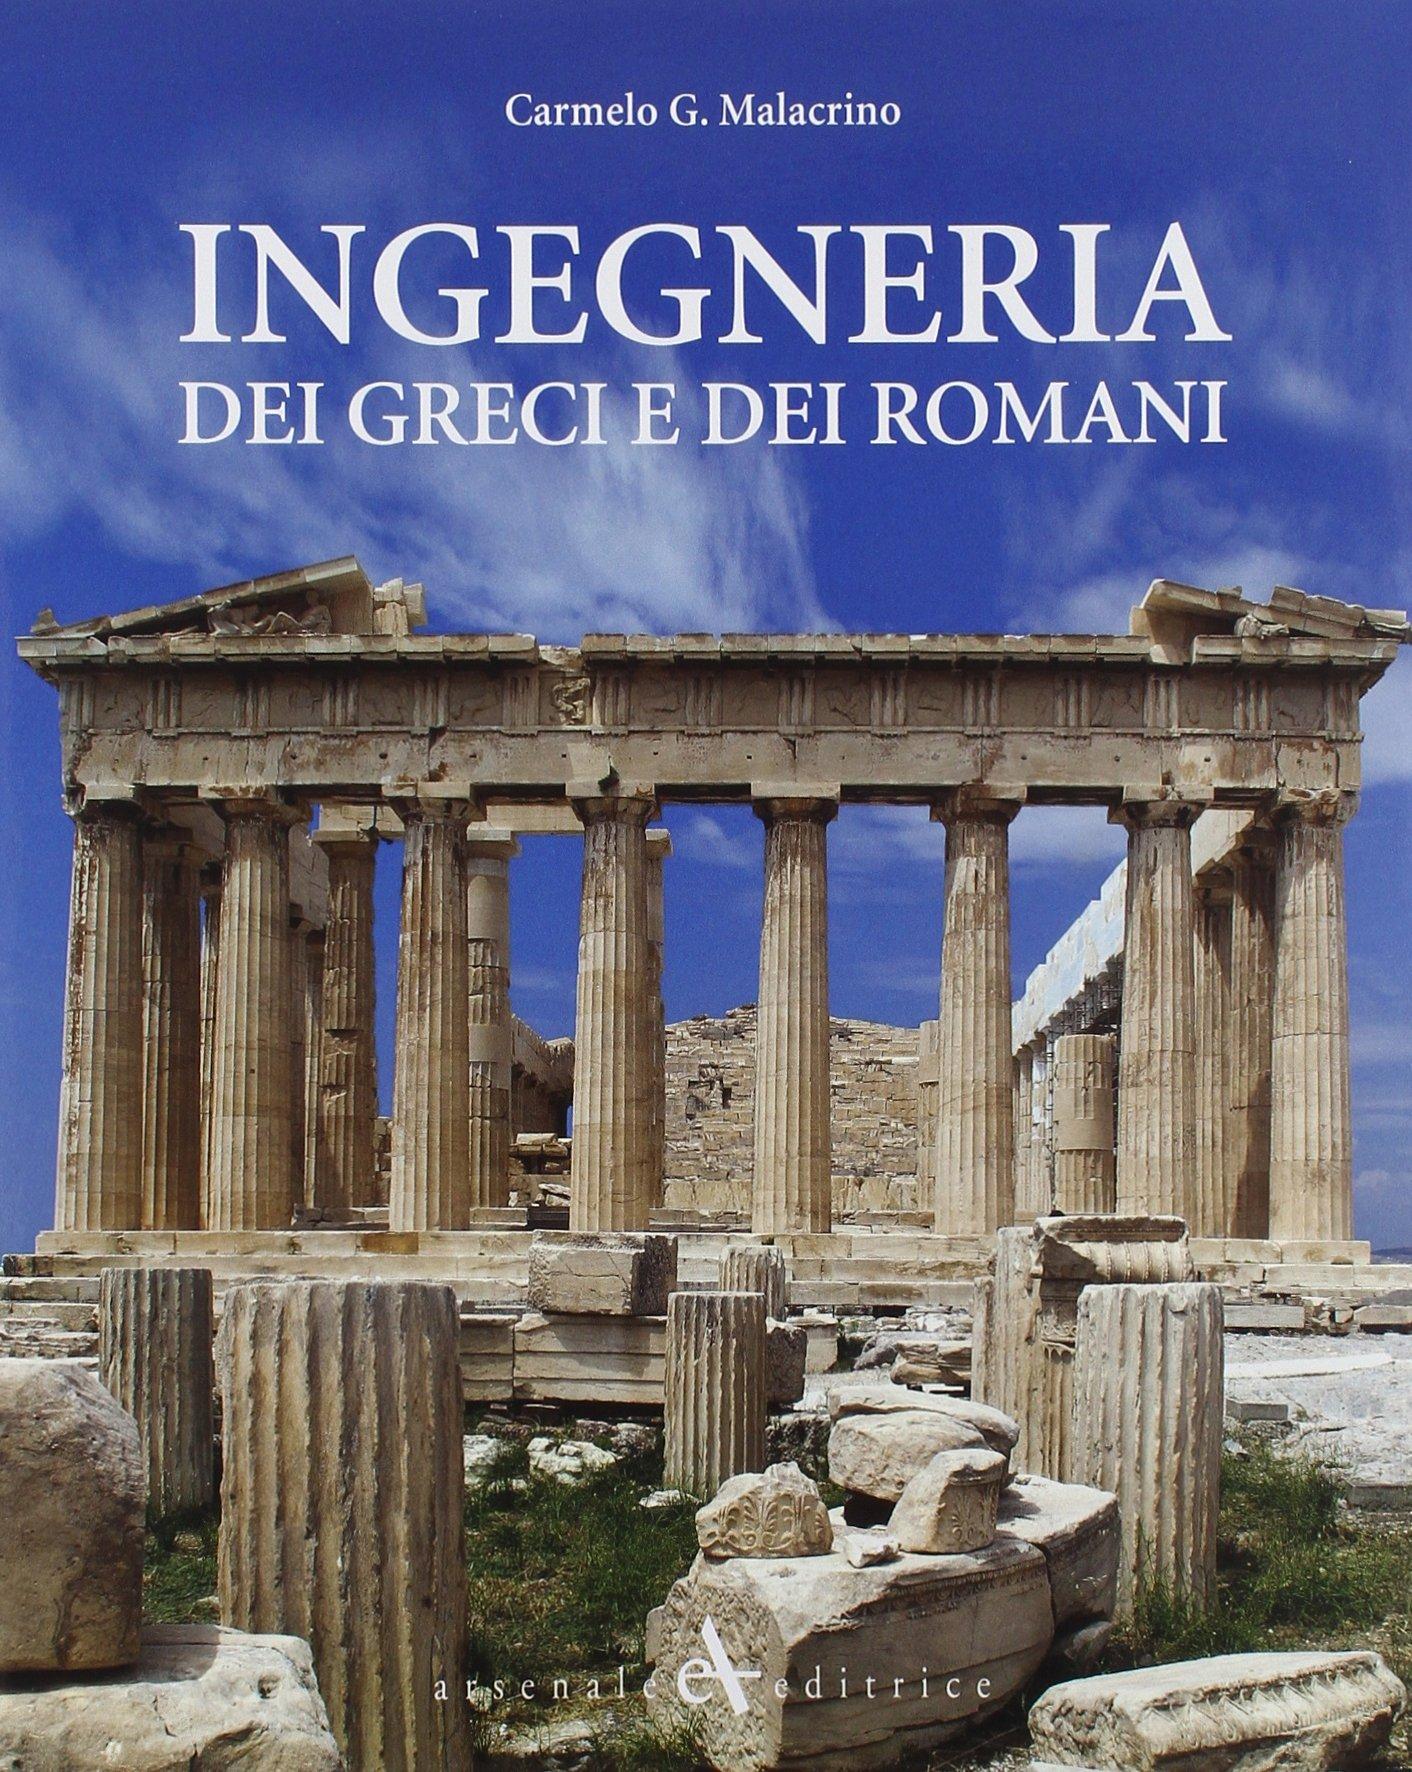 Ingegneria dei greci e dei romani Copertina flessibile – 16 set 2013 Carmelo Malacrino Arsenale 8877433876 Antica Grecia